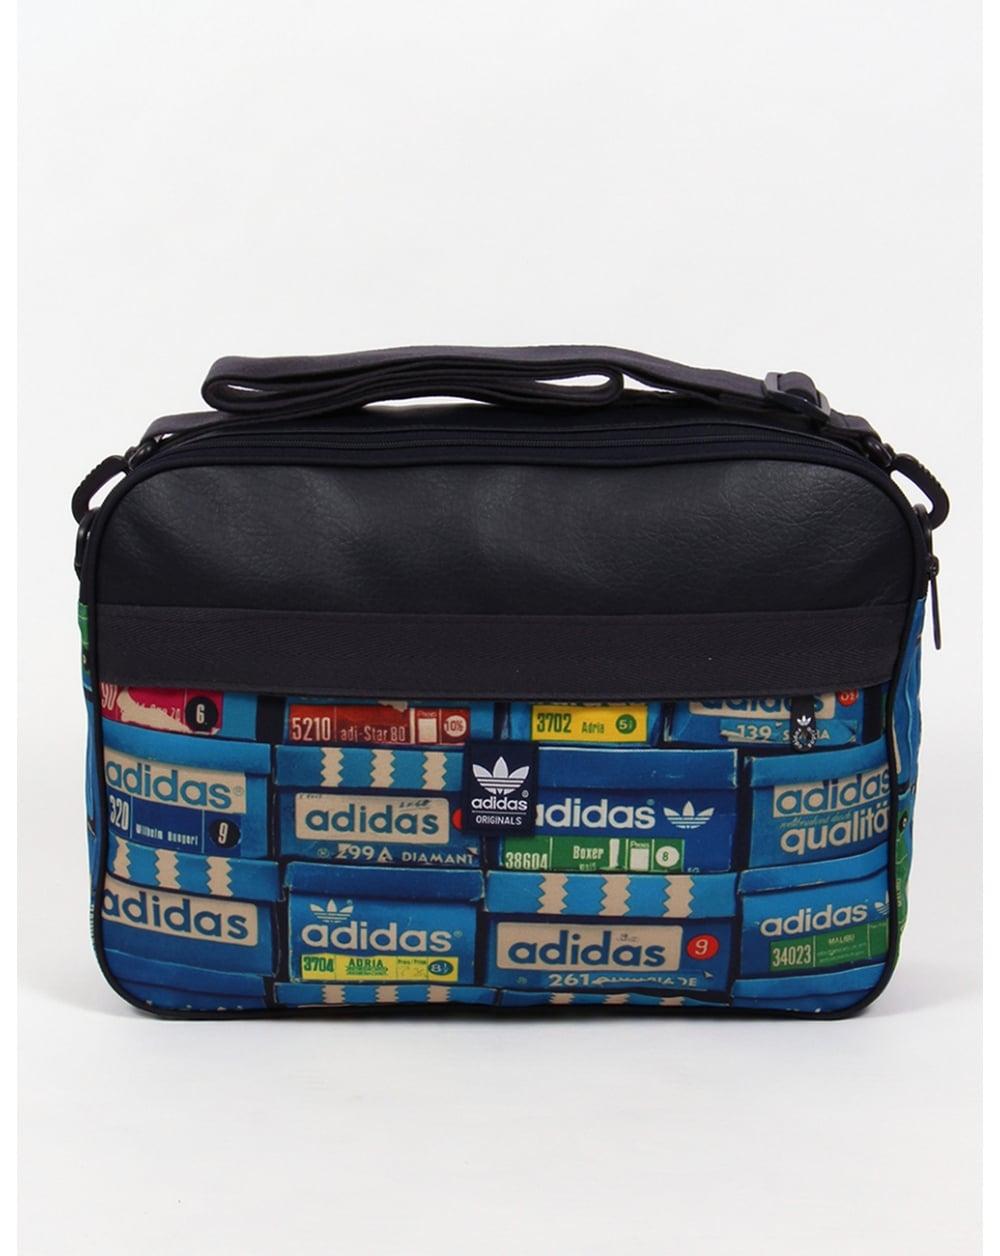 Adidas Originals Airliner Shoebox Print Bag Navy Shoulder Holdall